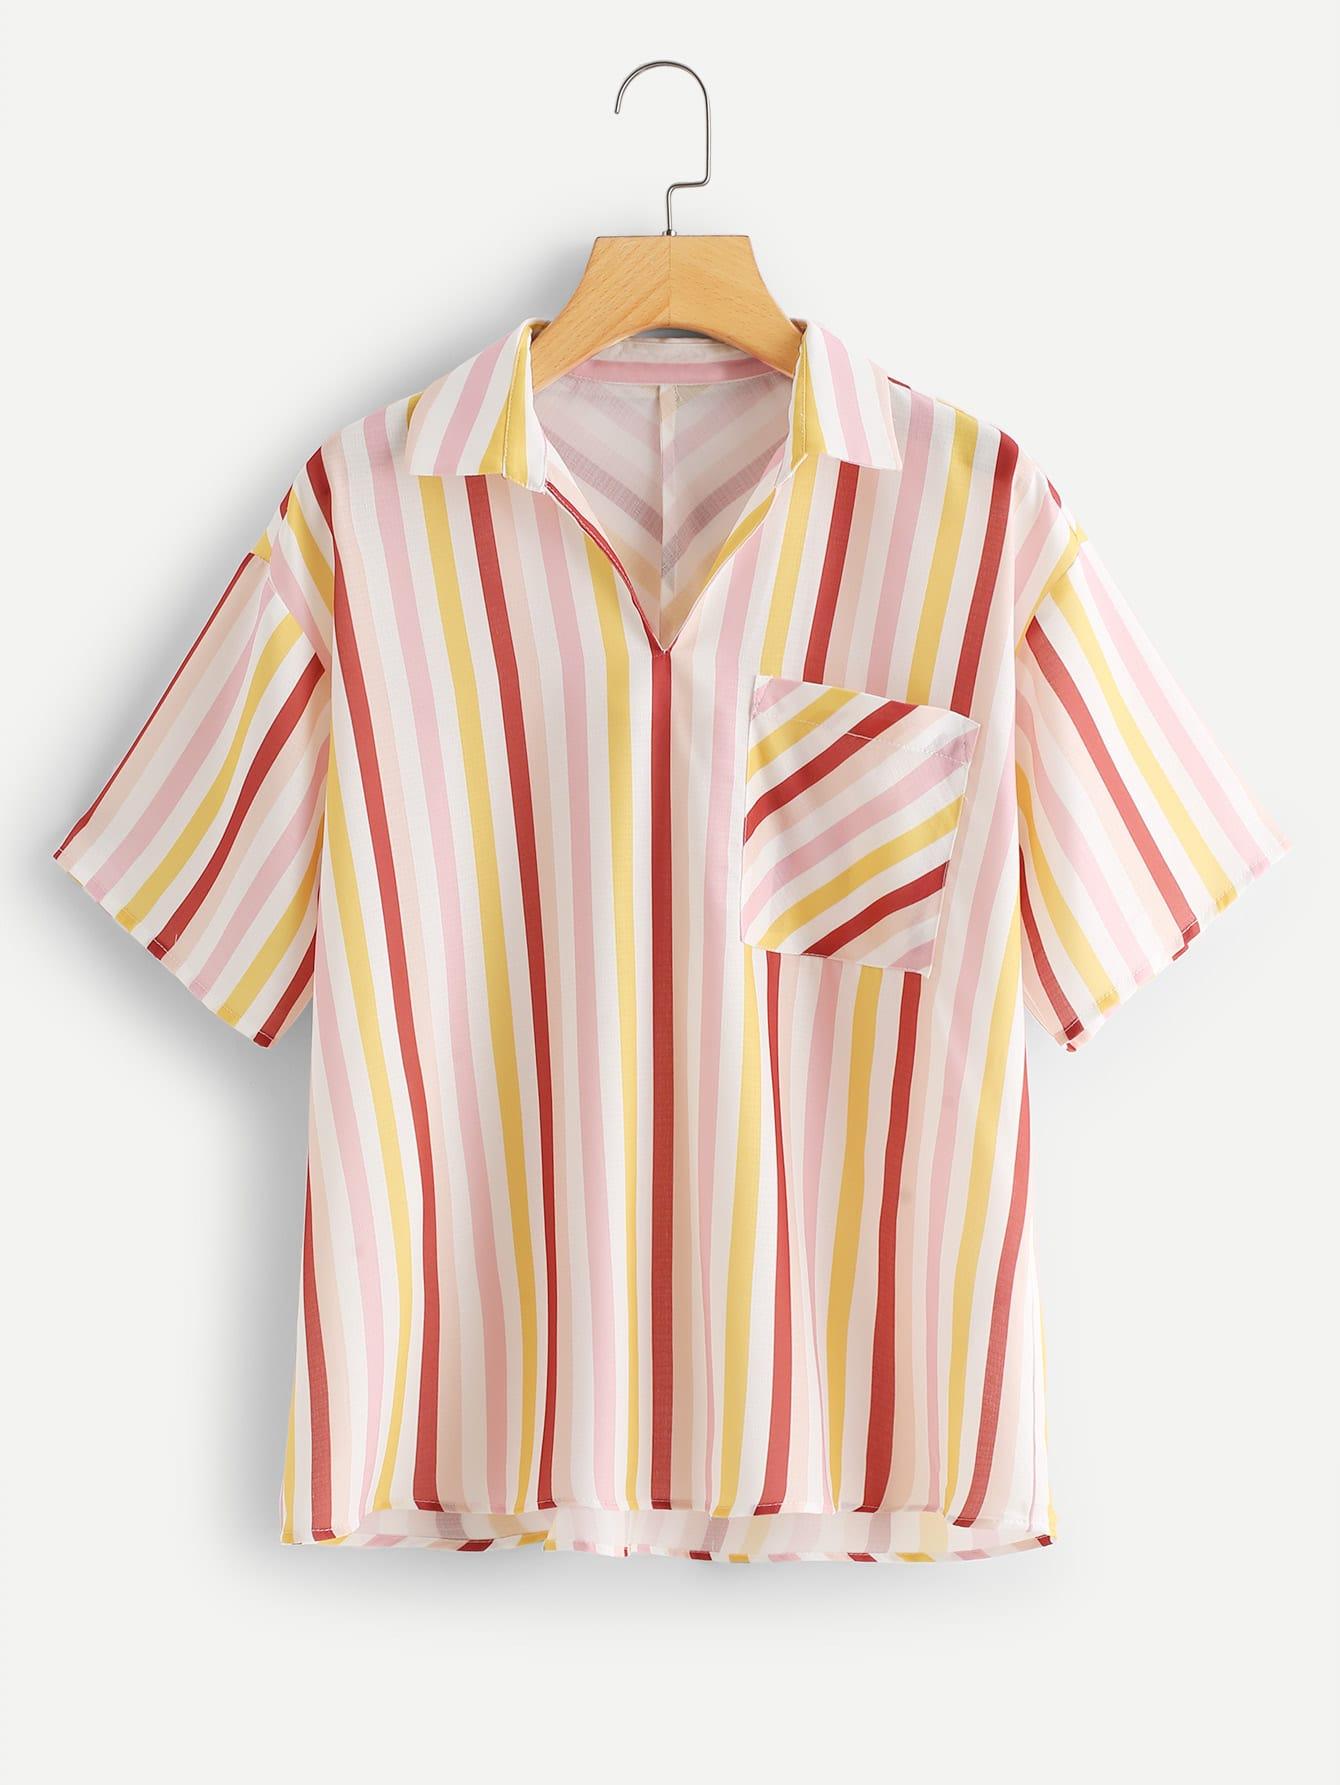 Drop Shoulder Pocket Patched Striped Blouse high low drop shoulder striped blouse